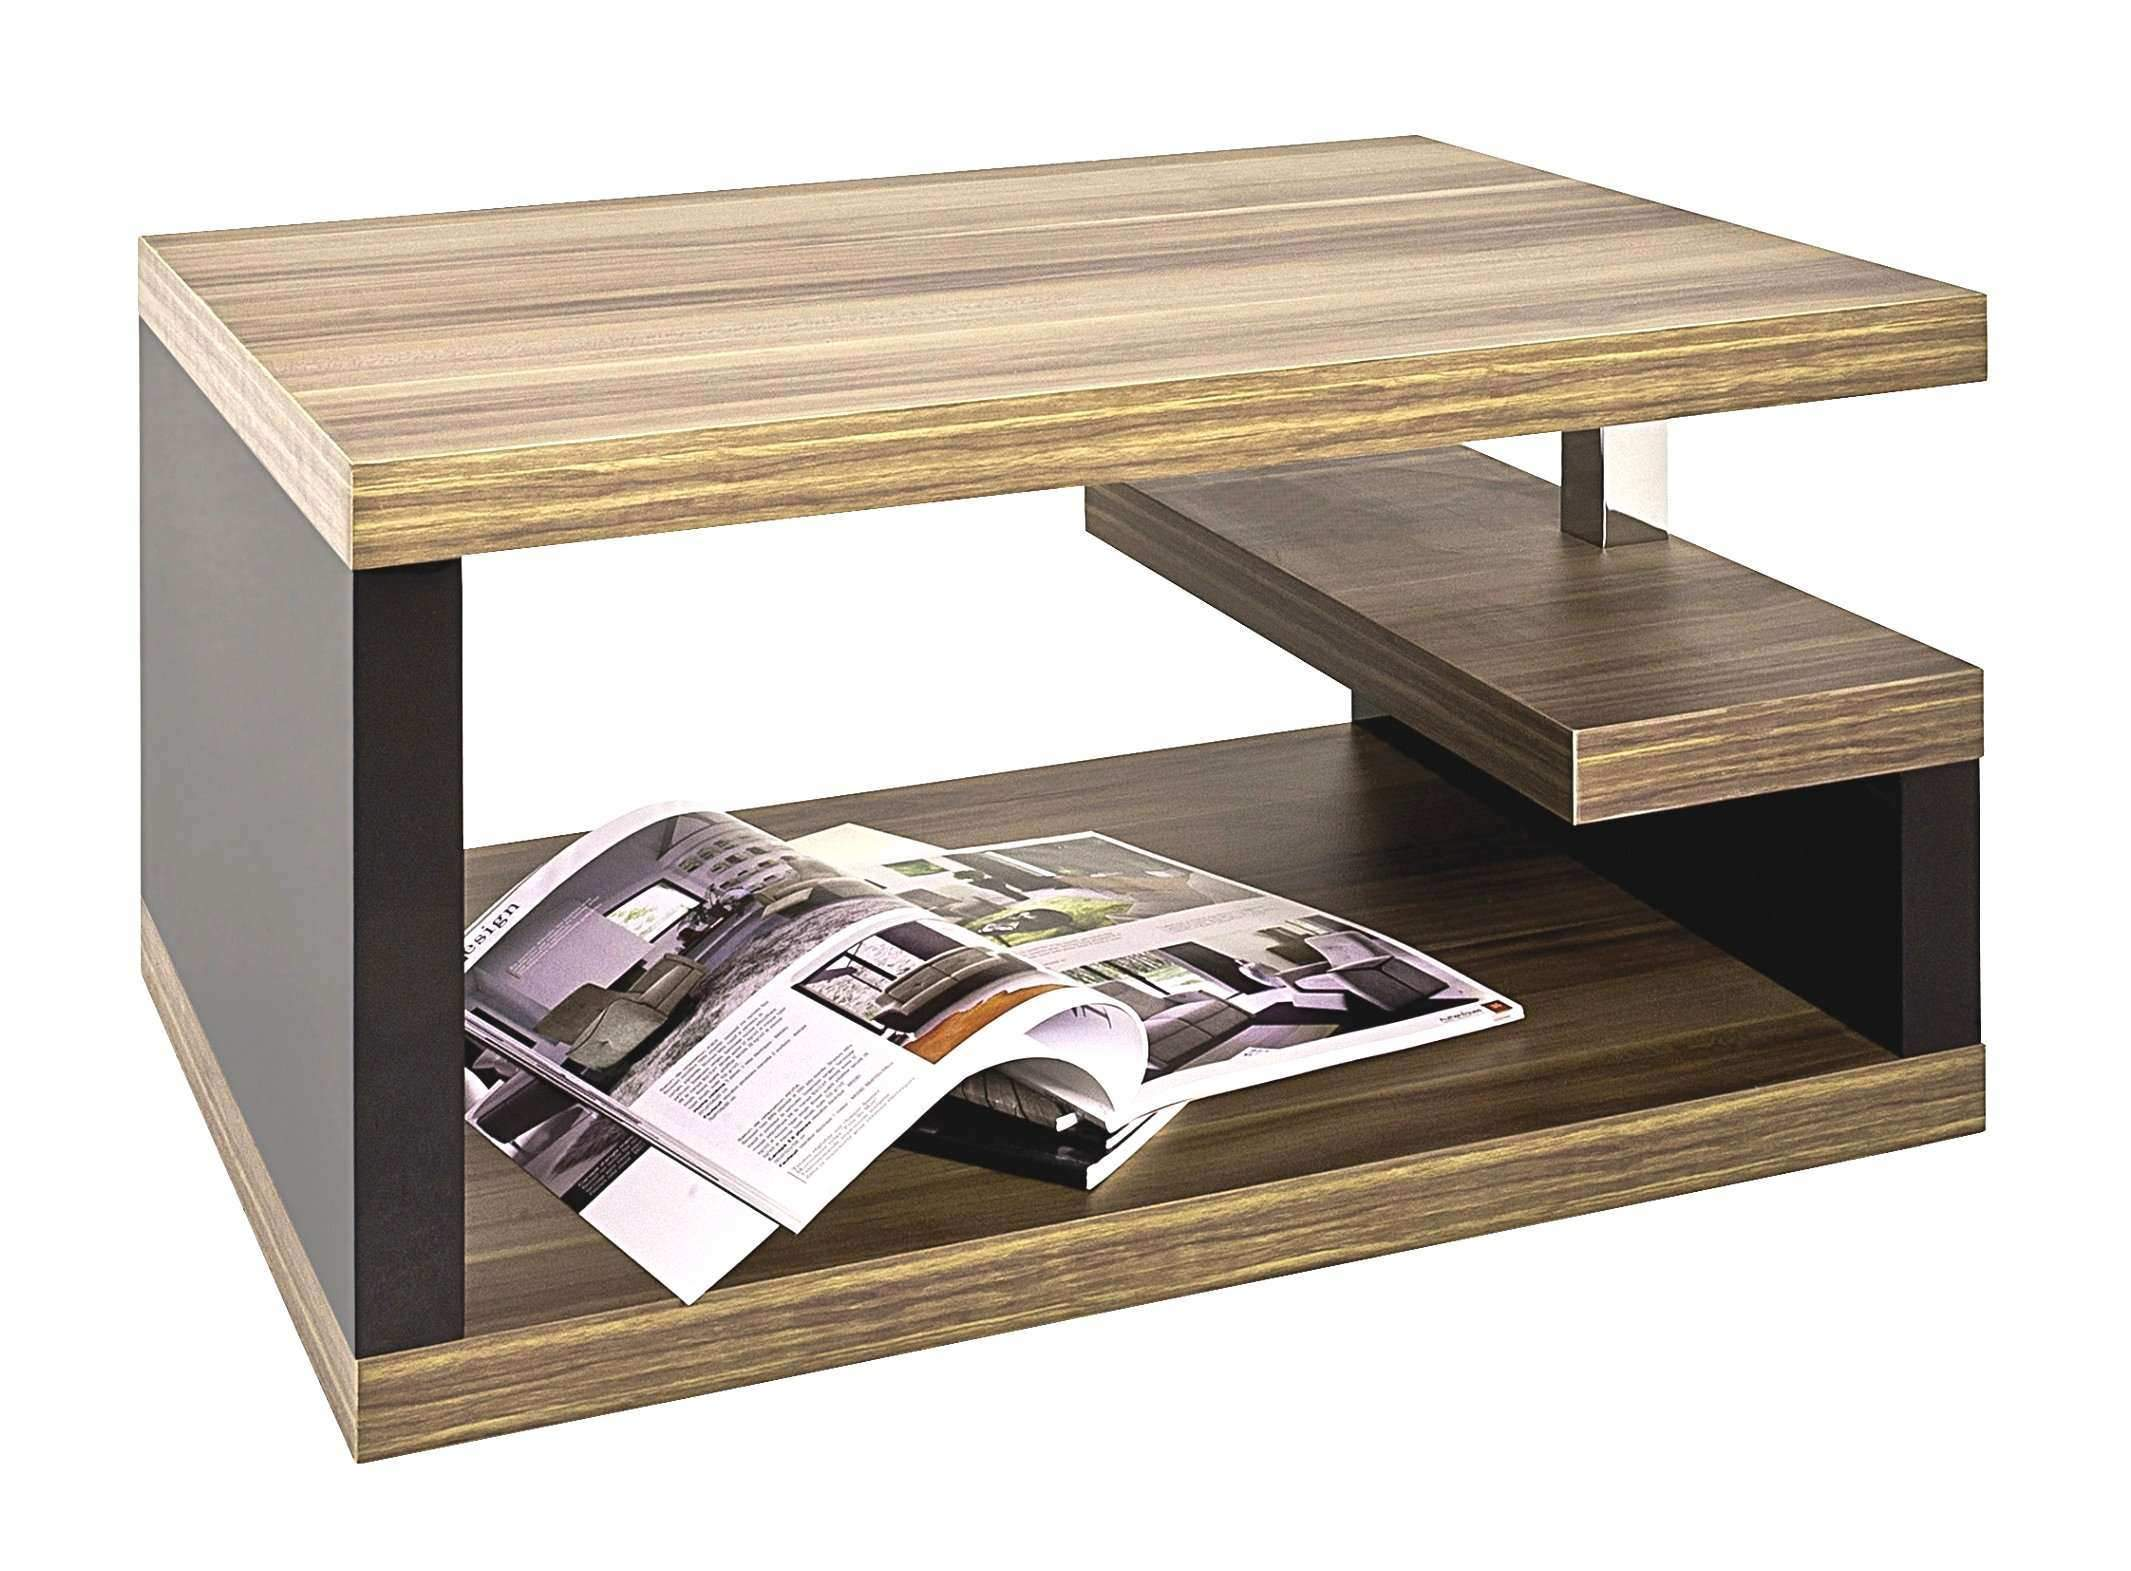 sofa mit tisch genial ideen mit paletten schon kaffetisch ansprechend diy of sofa mit tisch